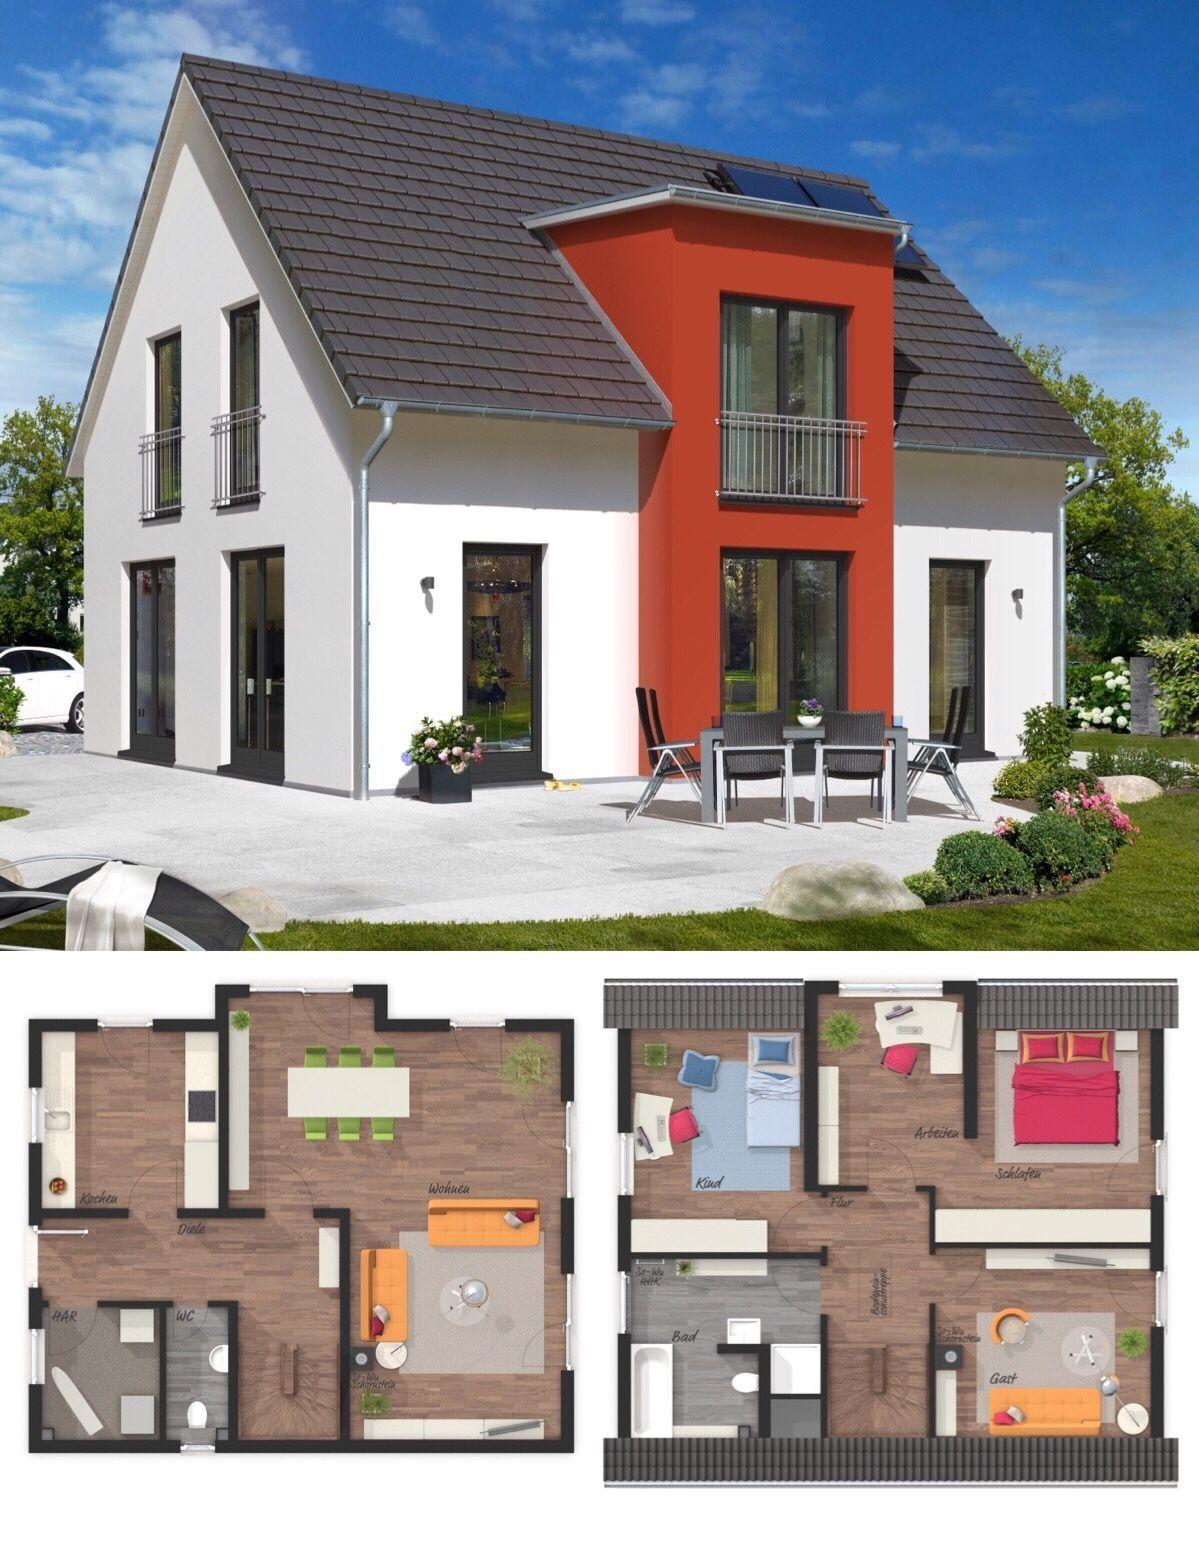 Massivhaus modern mit Satteldach Architektur & Querhaus